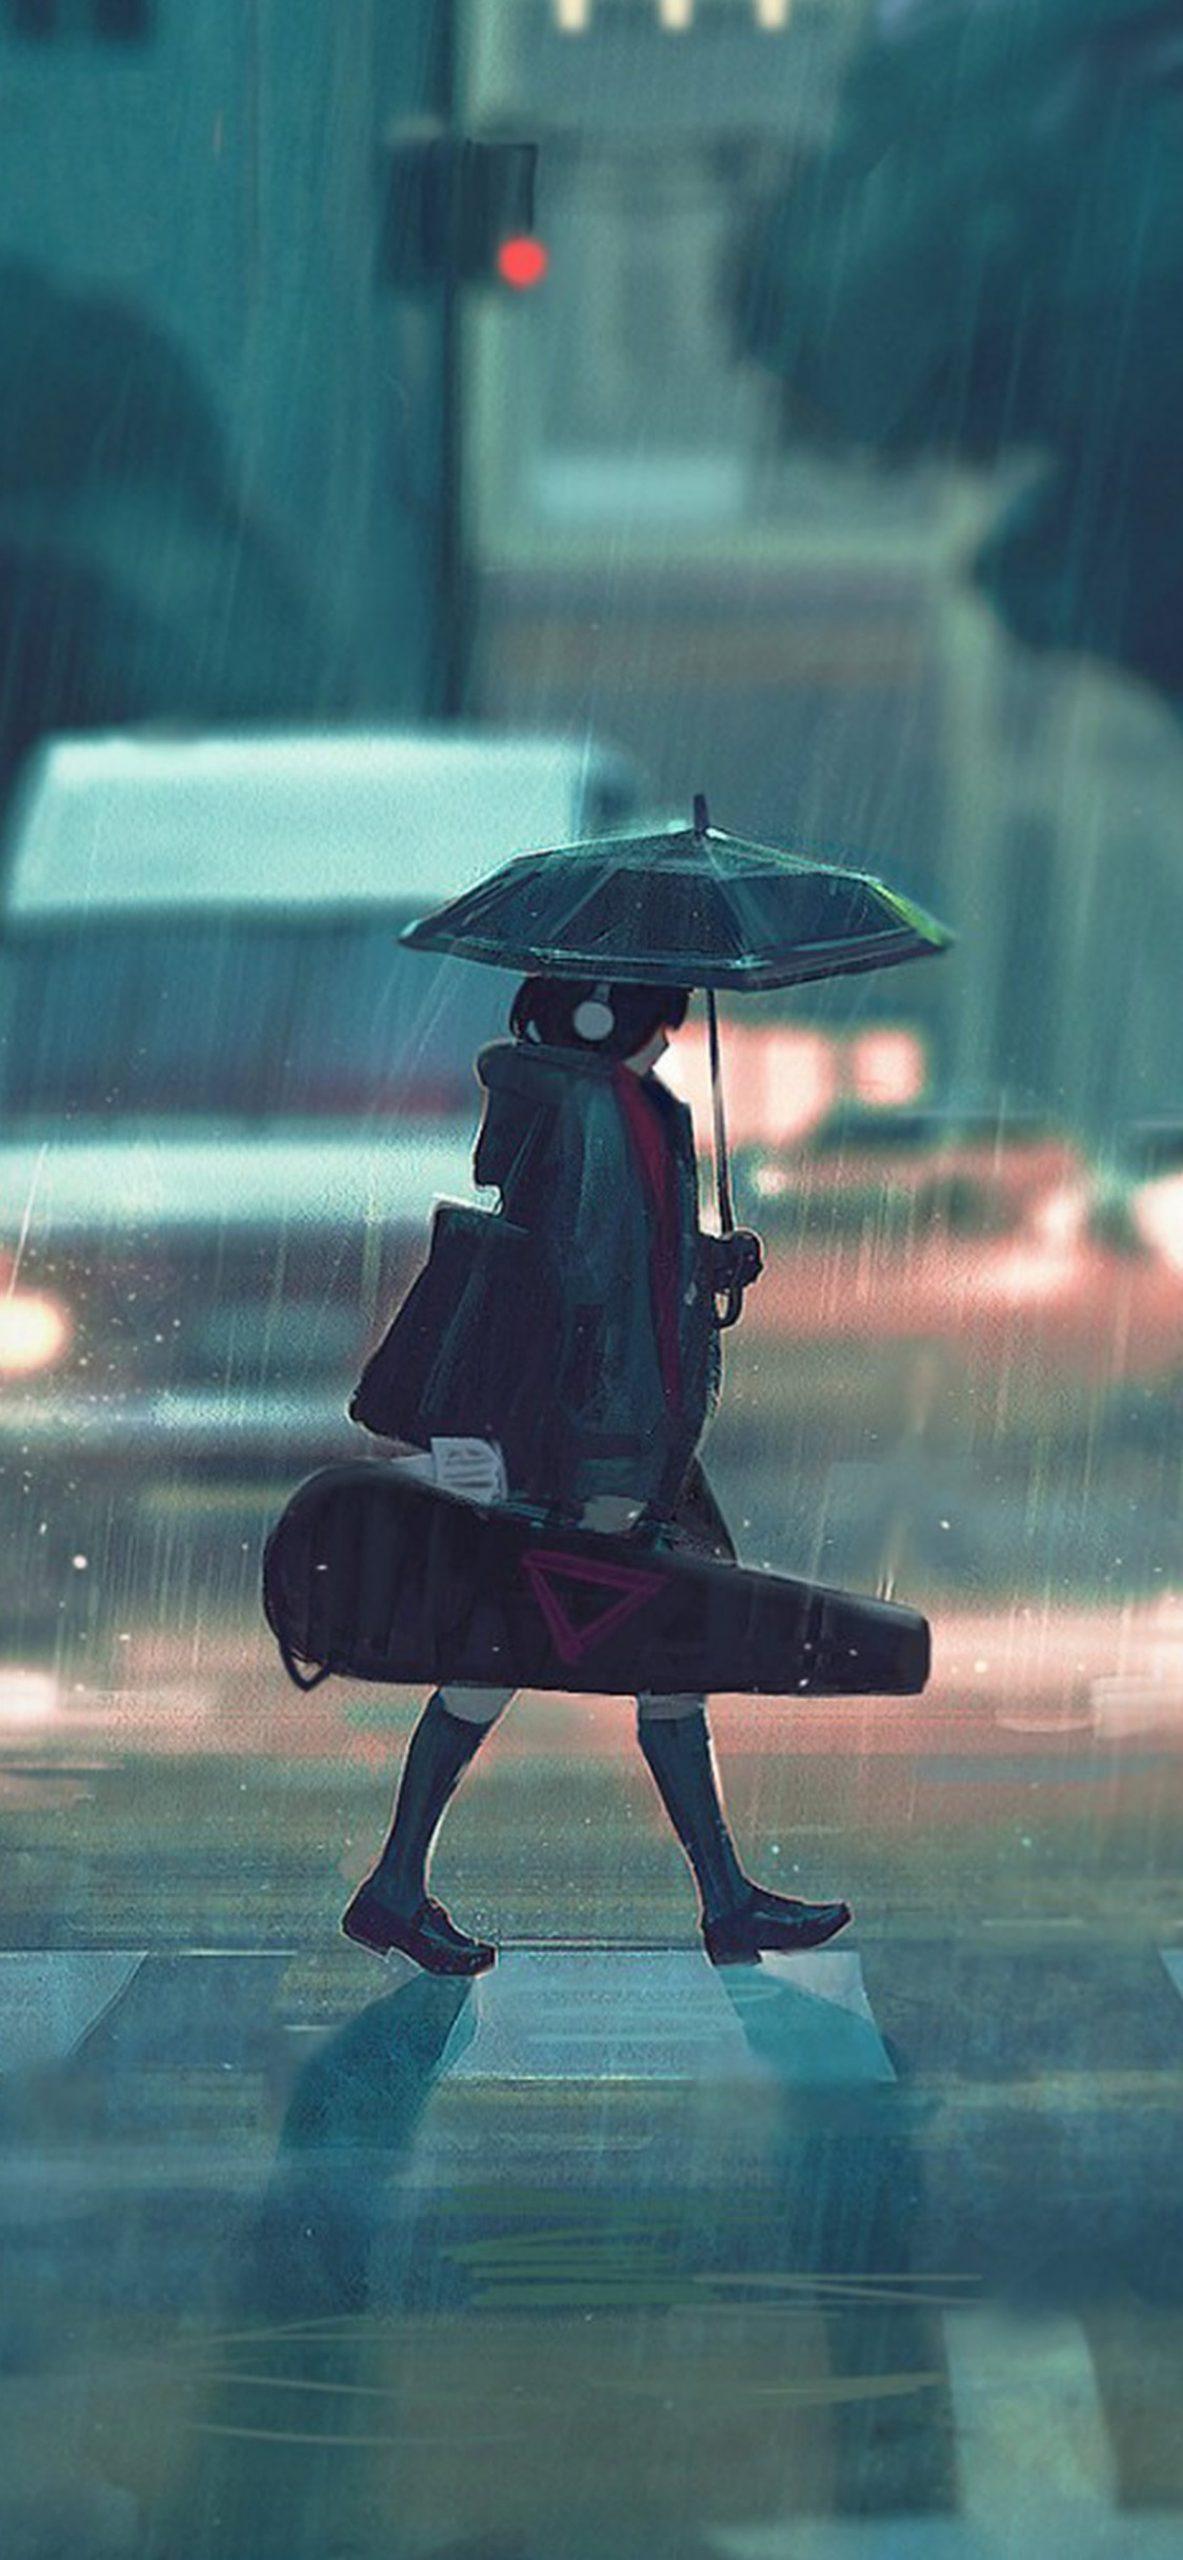 雨の日アニメのペイントガールiphone Xs Max壁紙 1242 26 Iphoneチーズ